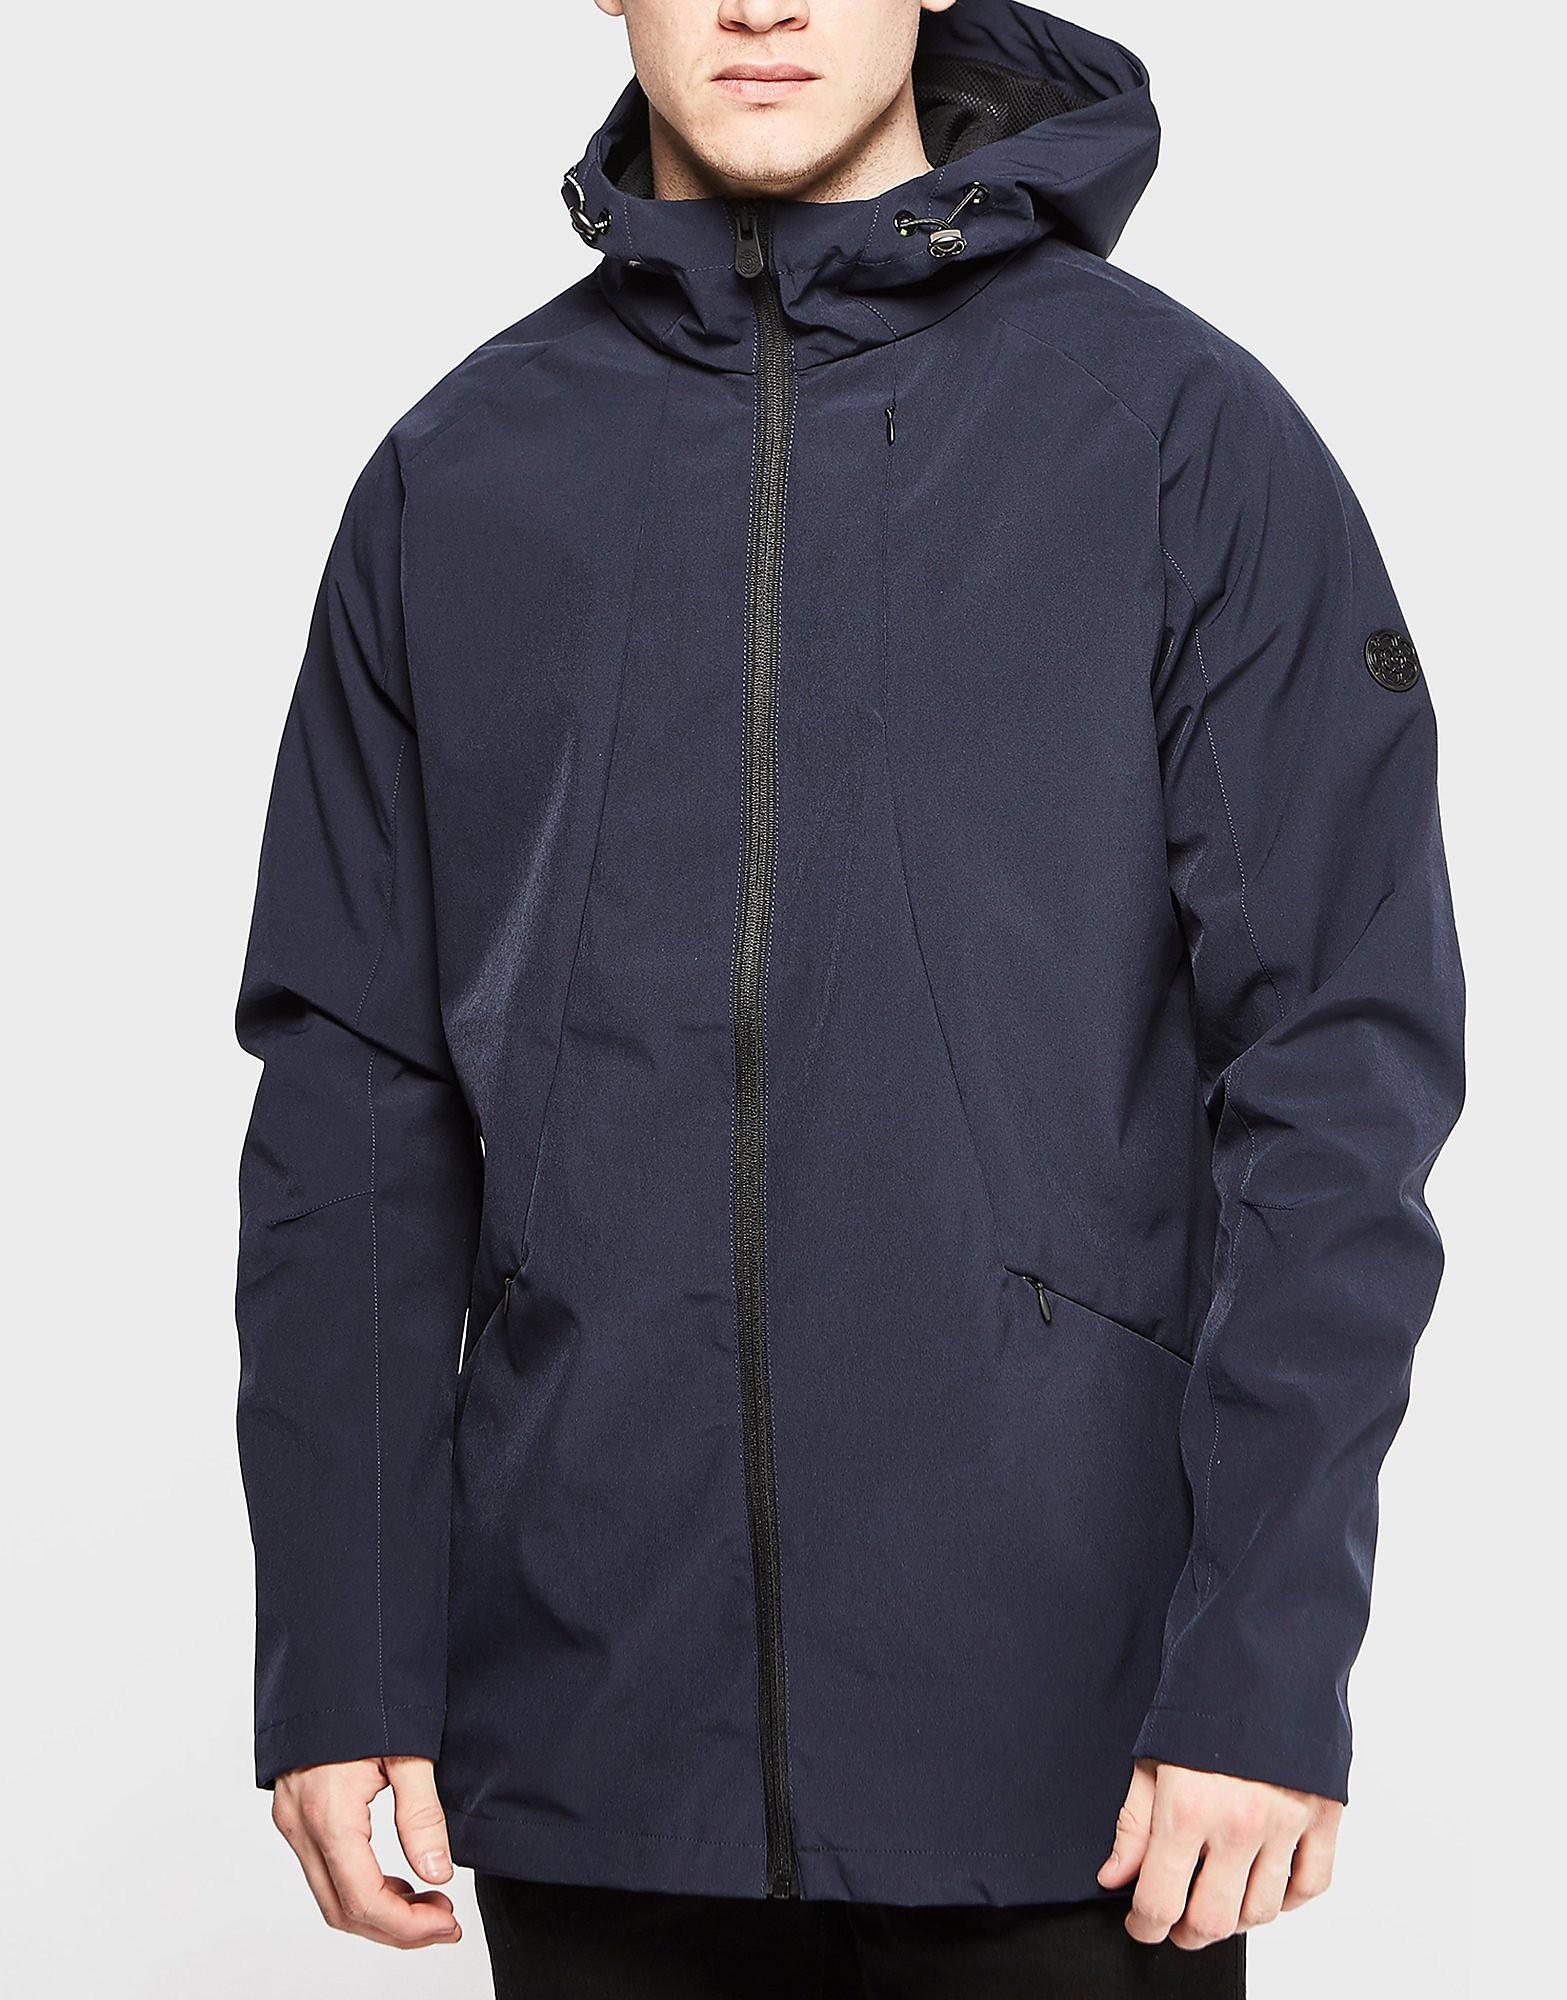 Nicholas Deakins Ultra Padded Jacket - Exclusive